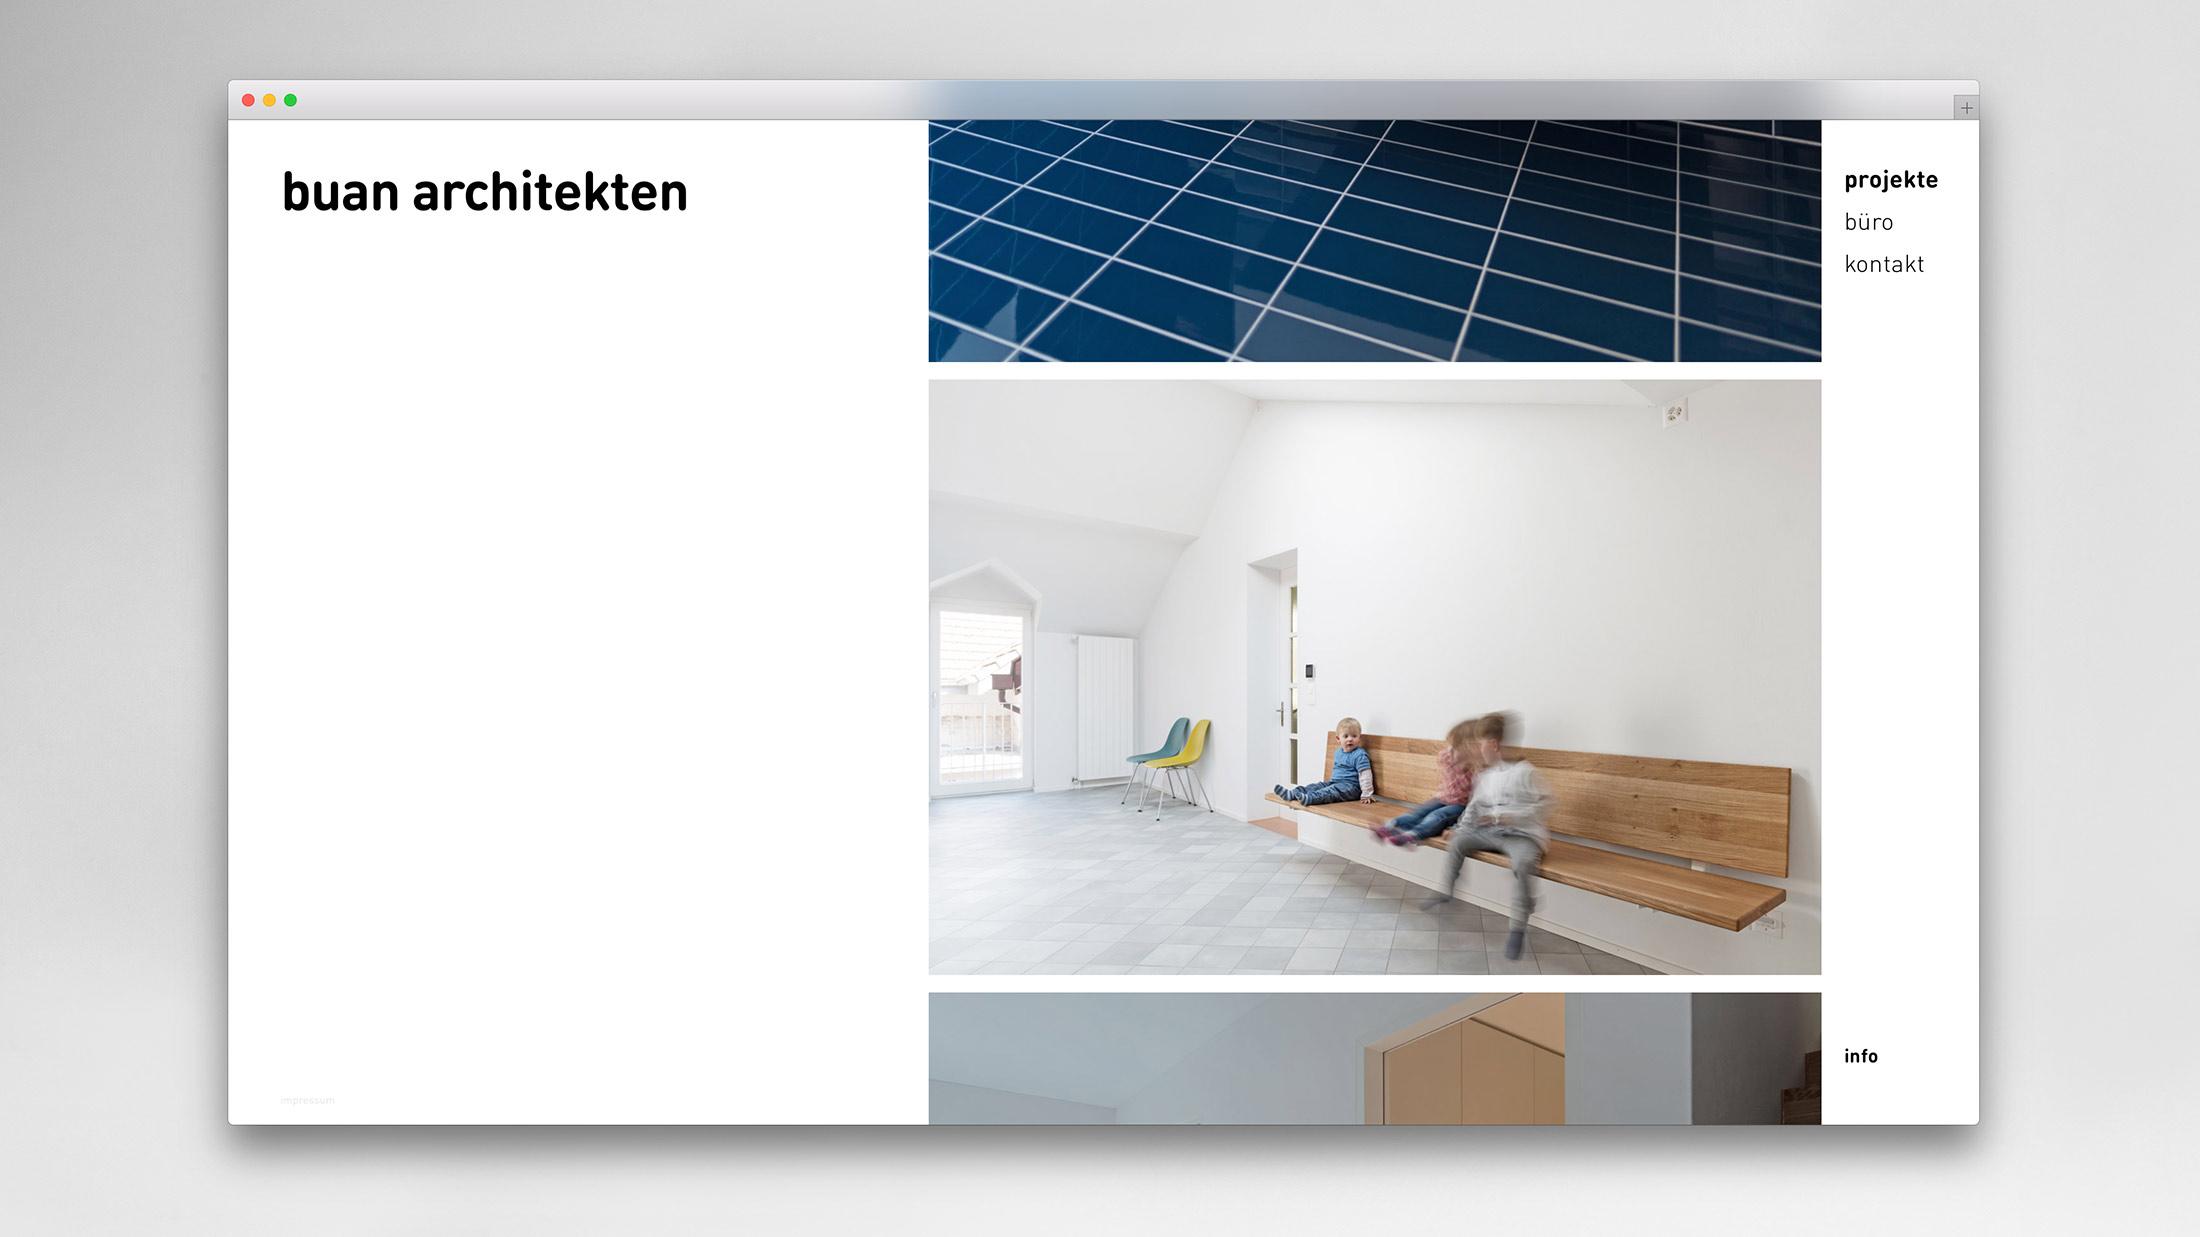 l'équipe [visuelle] – Webseite für buan architekten GmbH – Konzeption, Gestaltung und Programmierung der Full Responsive CMS-Webseite